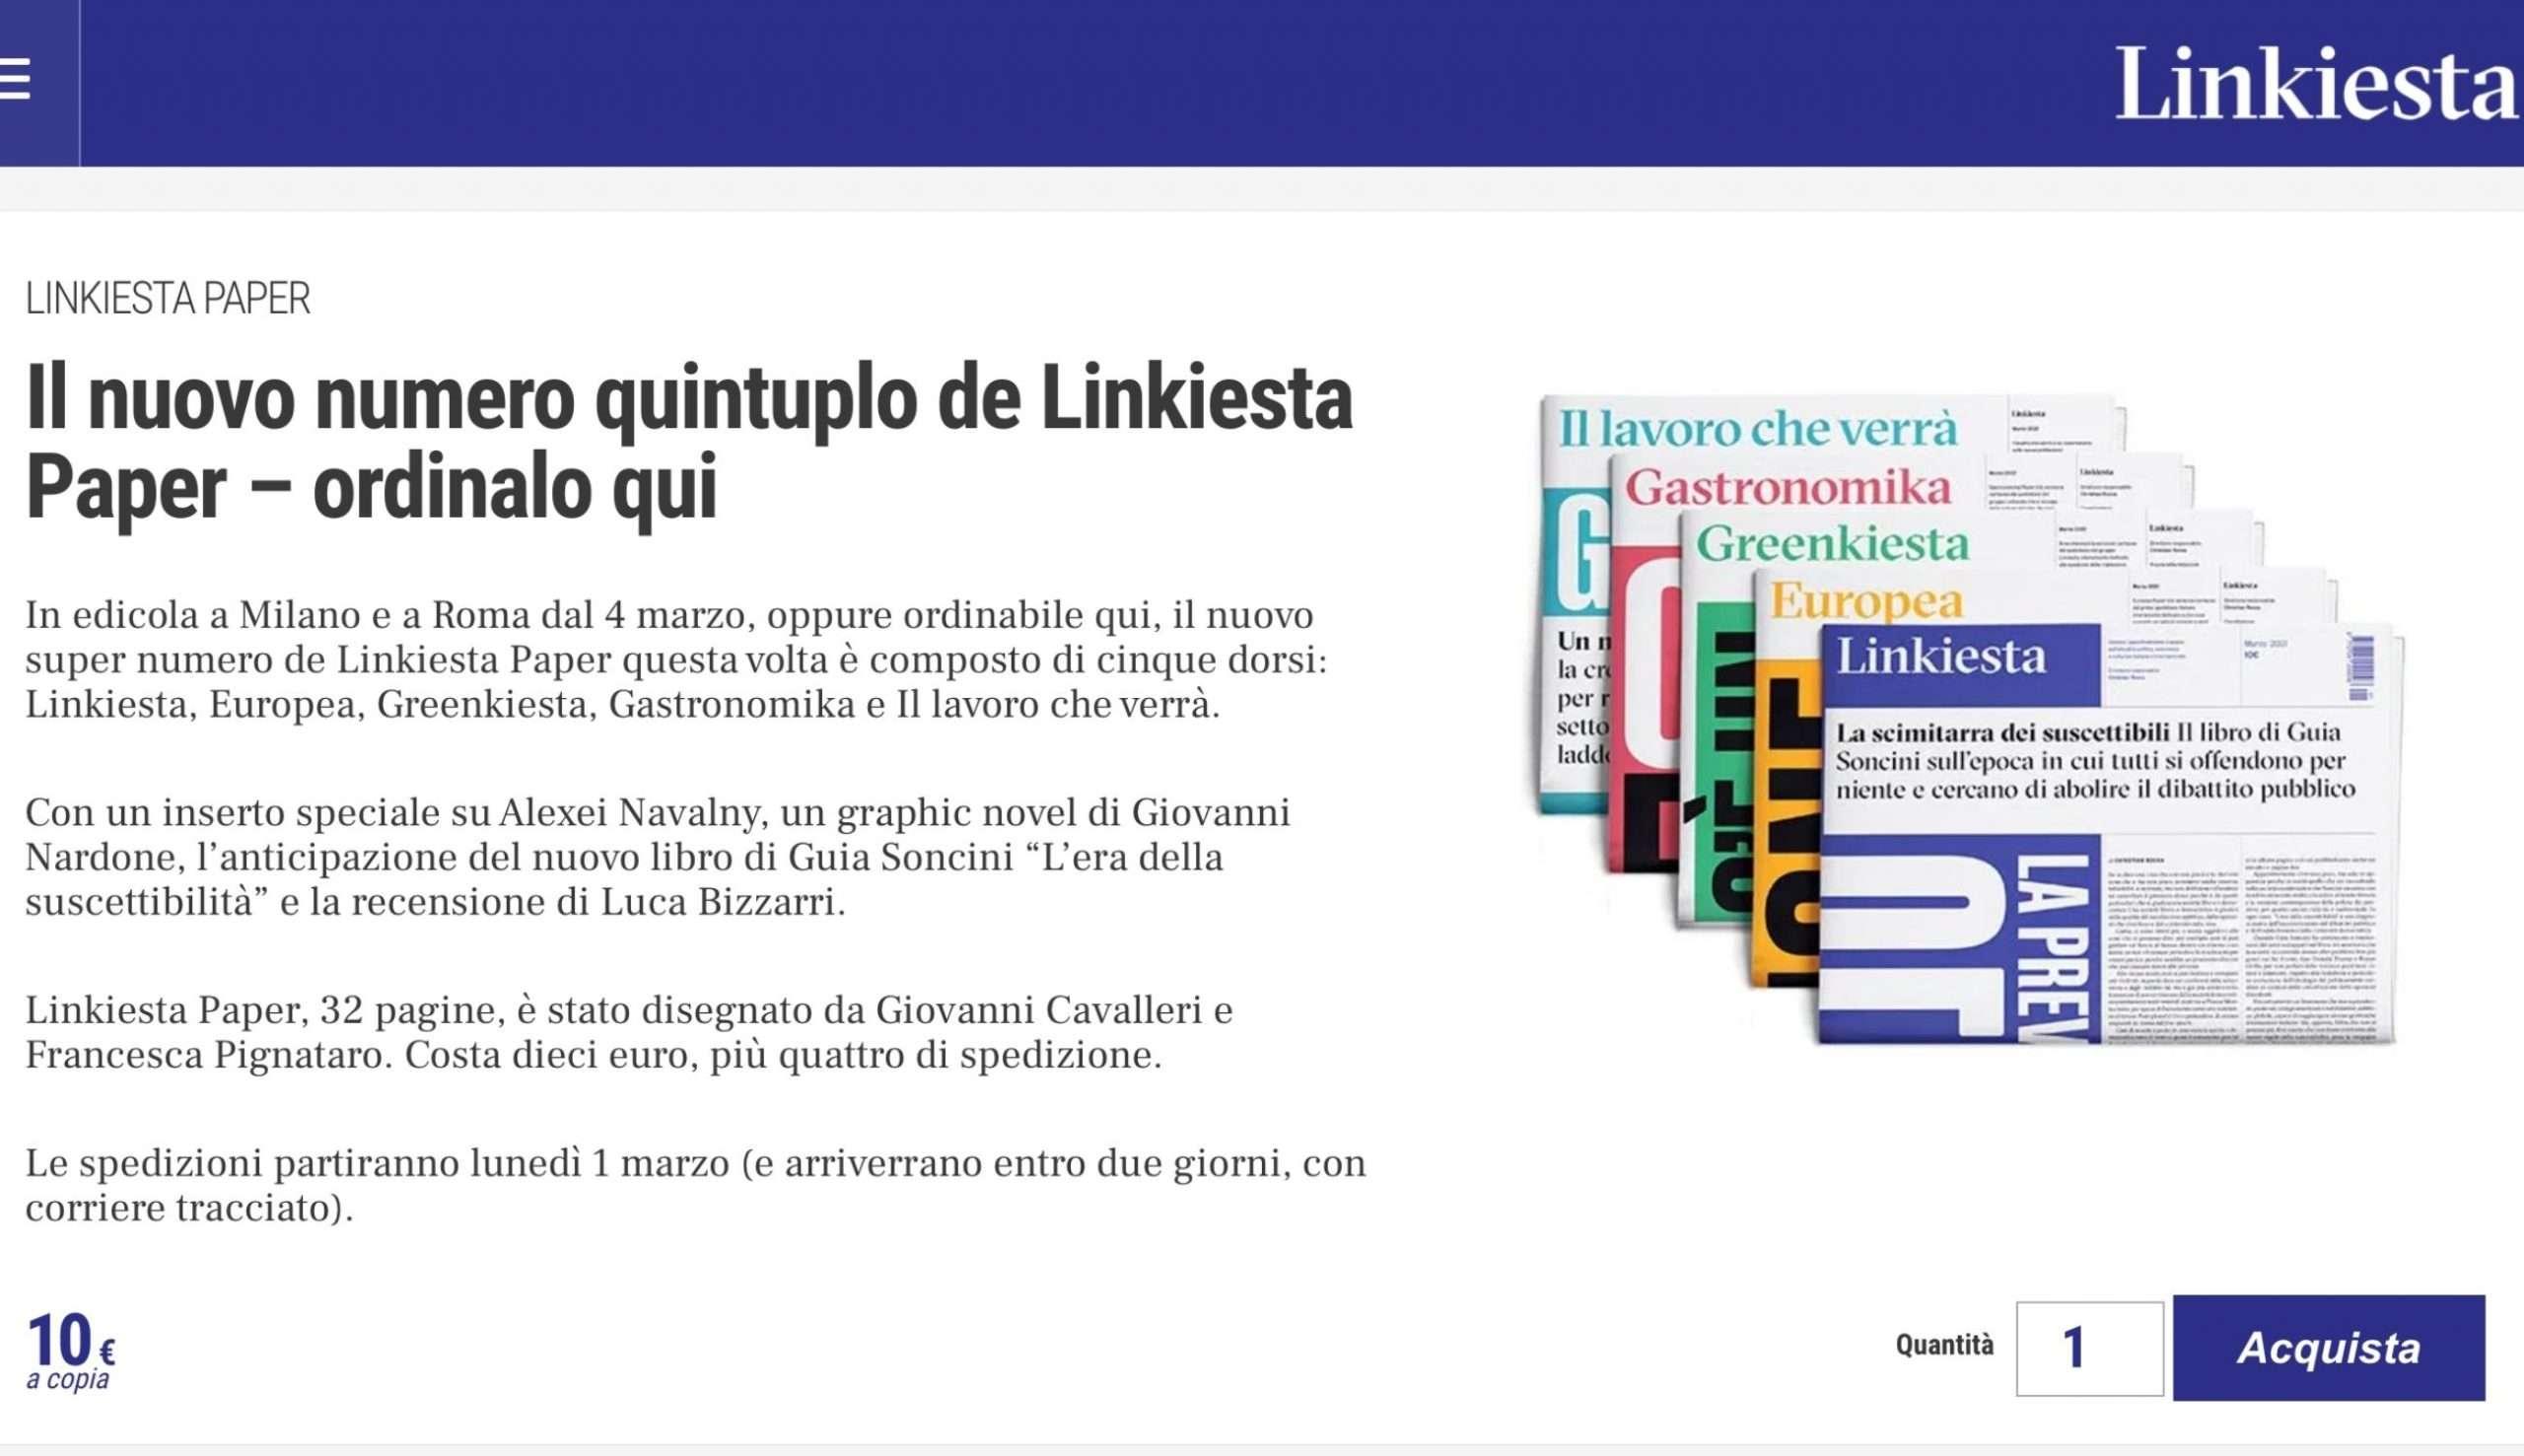 Linkiesta - modelli di business - Prodotti giornalistici Paper